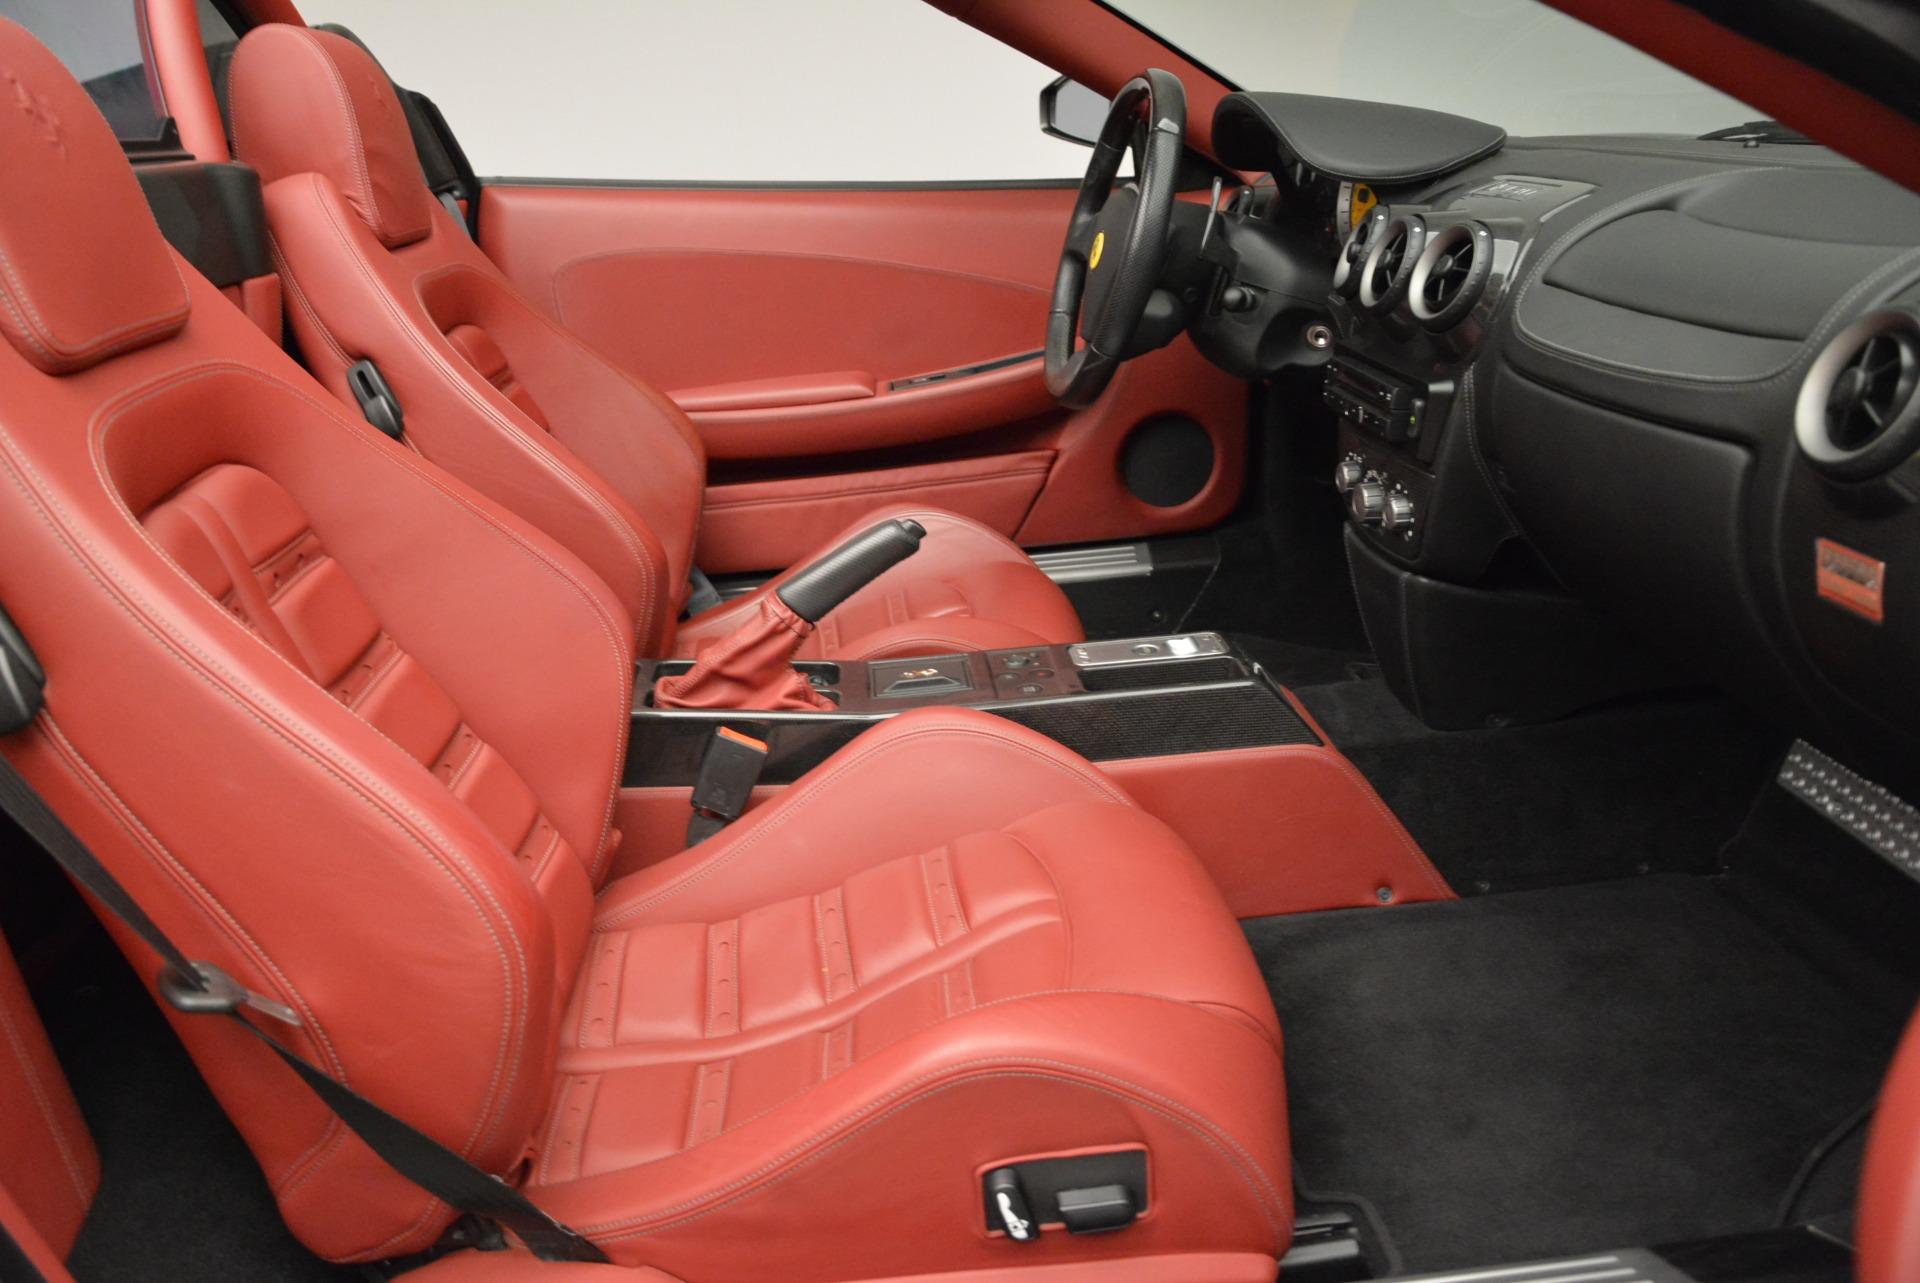 Used 2008 Ferrari F430 Spider  For Sale In Westport, CT 1883_p30